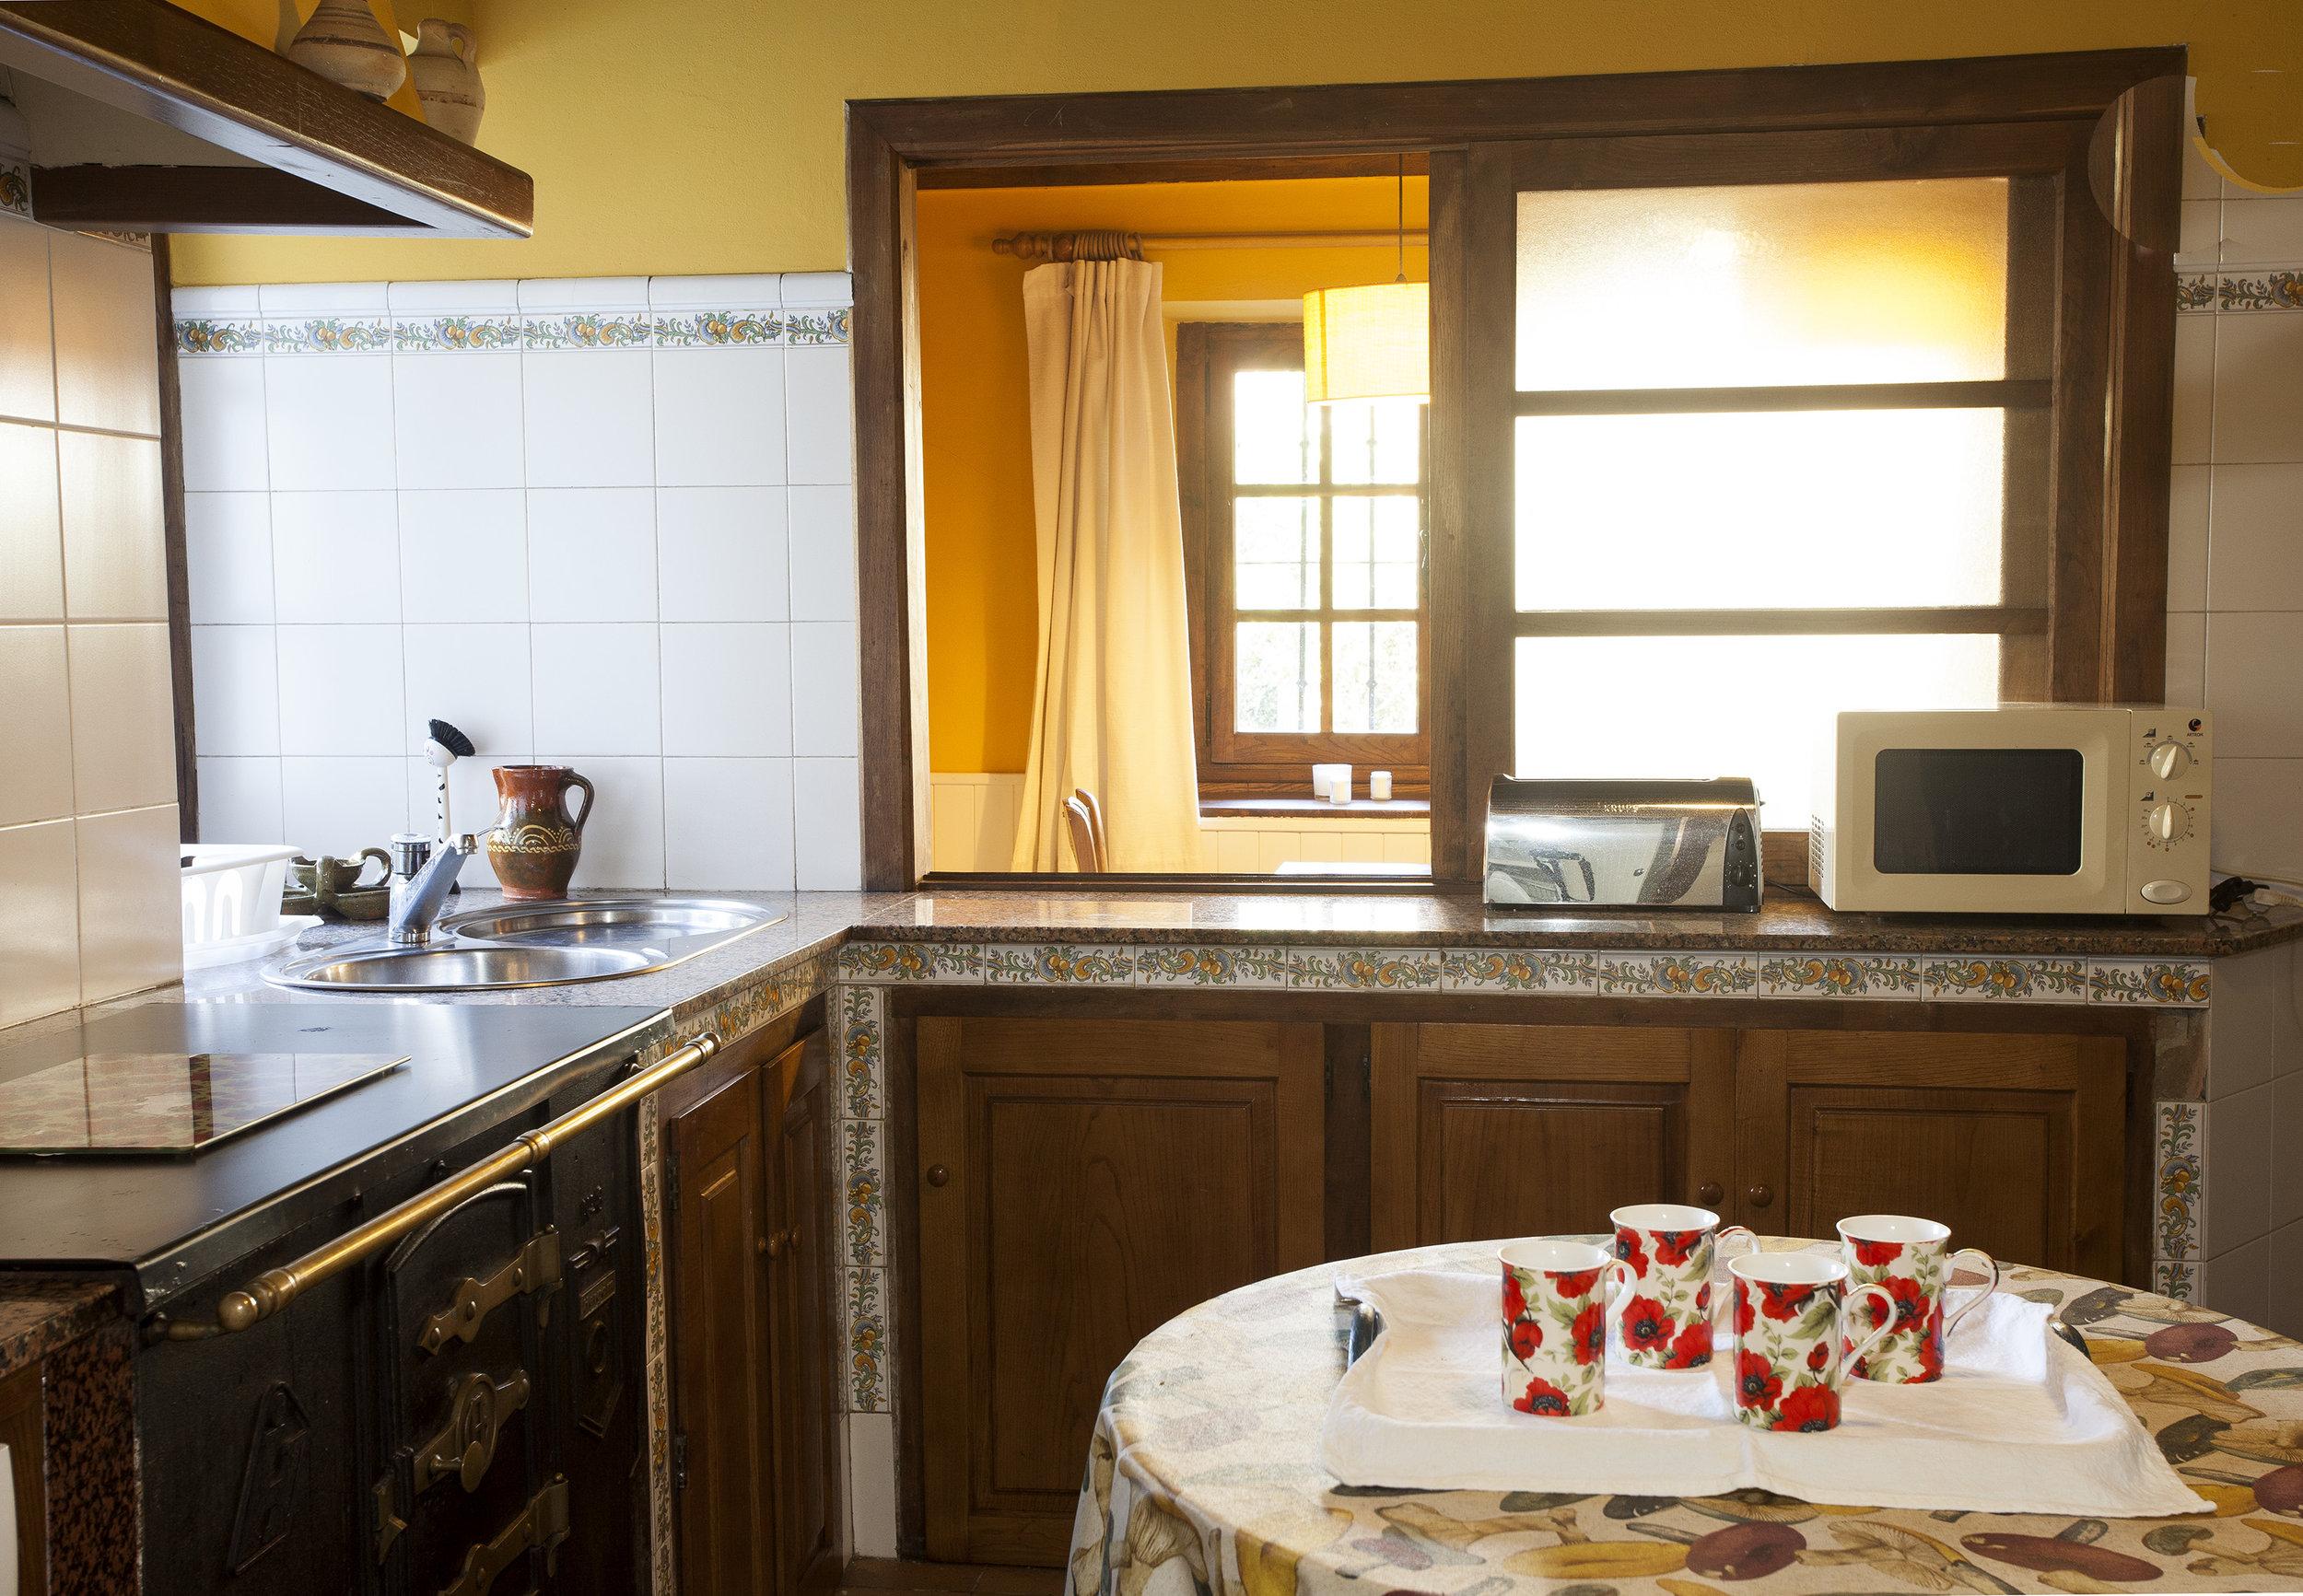 Cocina Espinaredo 02.jpg